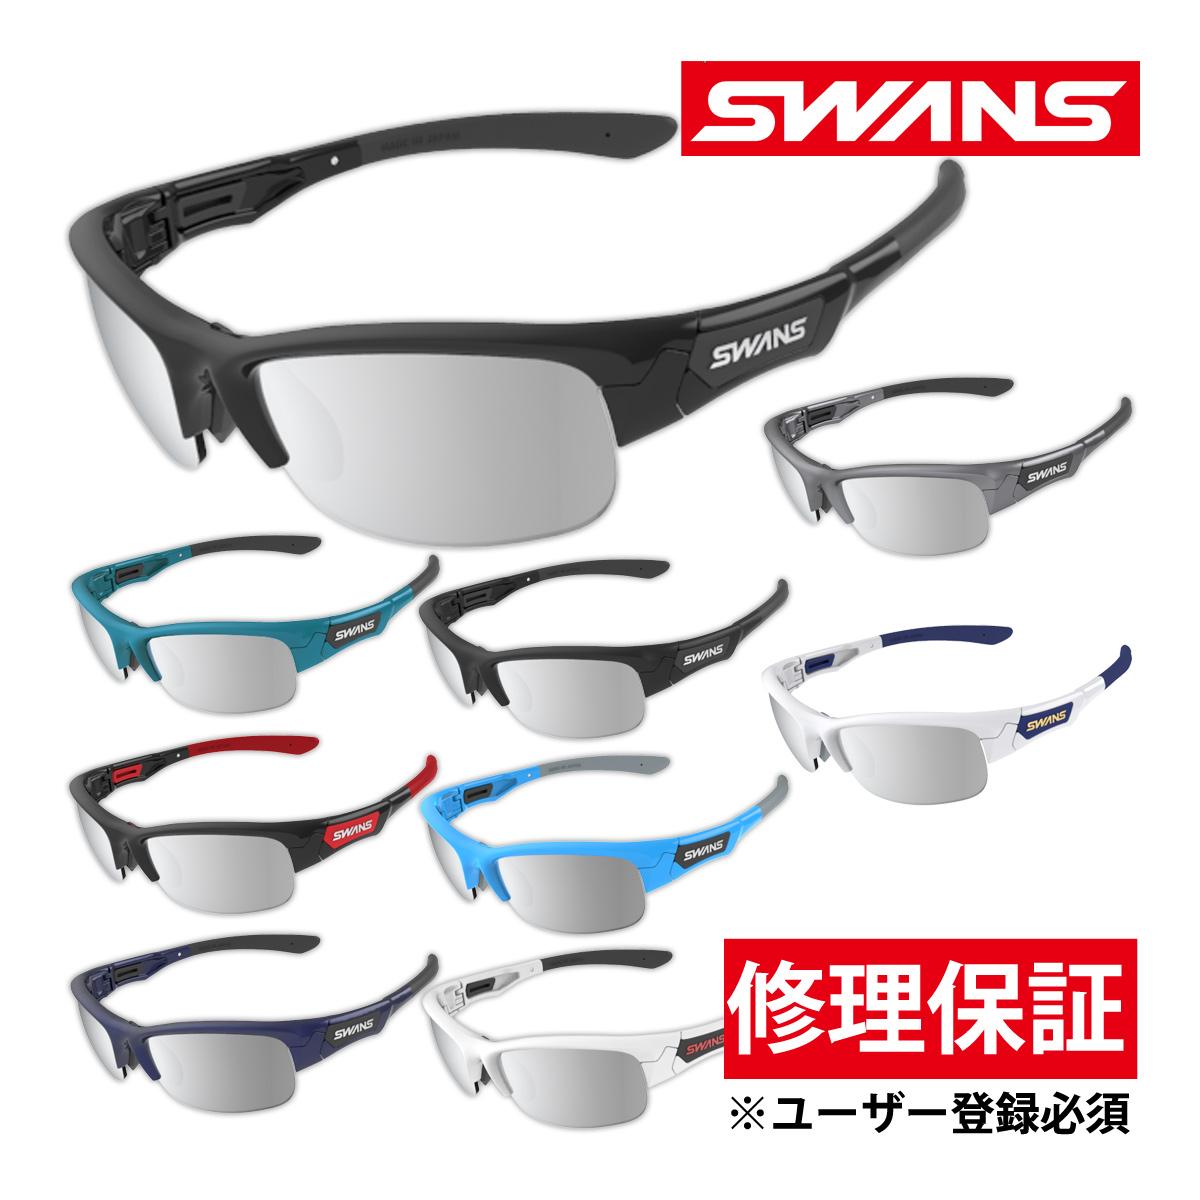 サングラス 偏光レンズ ミラー メンズ レディース ドライブ 釣り ゴルフ スポーツ SPRINGBOK フレーム+L-SPB-0751 PSMSI おすすめ 人気 SWANS スワンズ